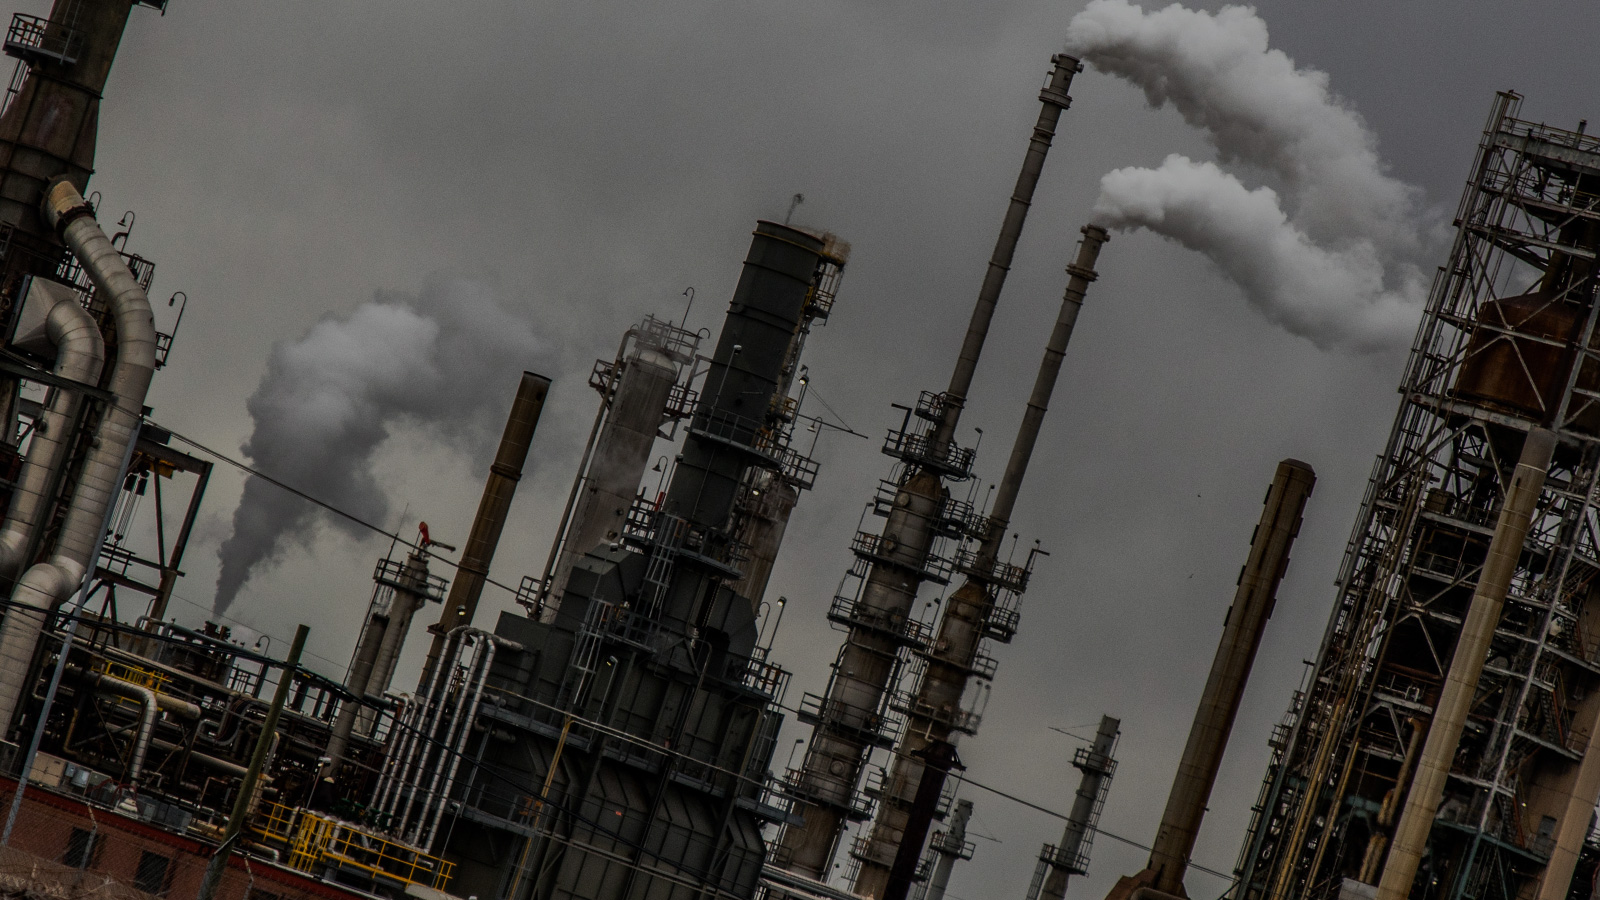 Le réchauffement climatique nous oblige-t-il à sortir du capitalisme?